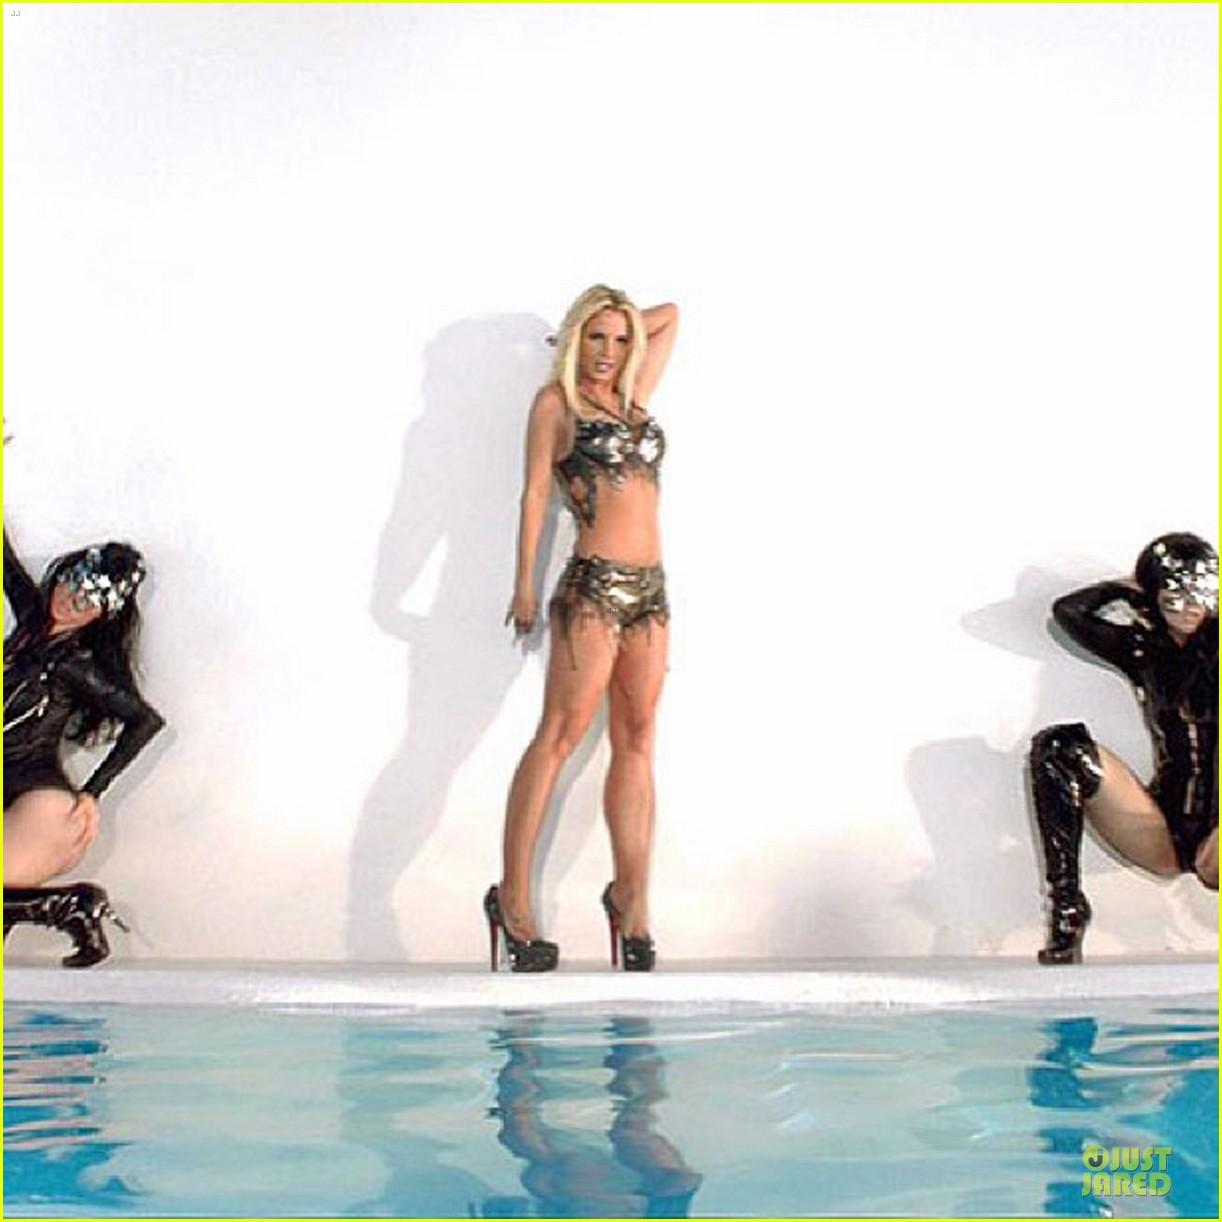 Britney spears work bitch uncensored version 4